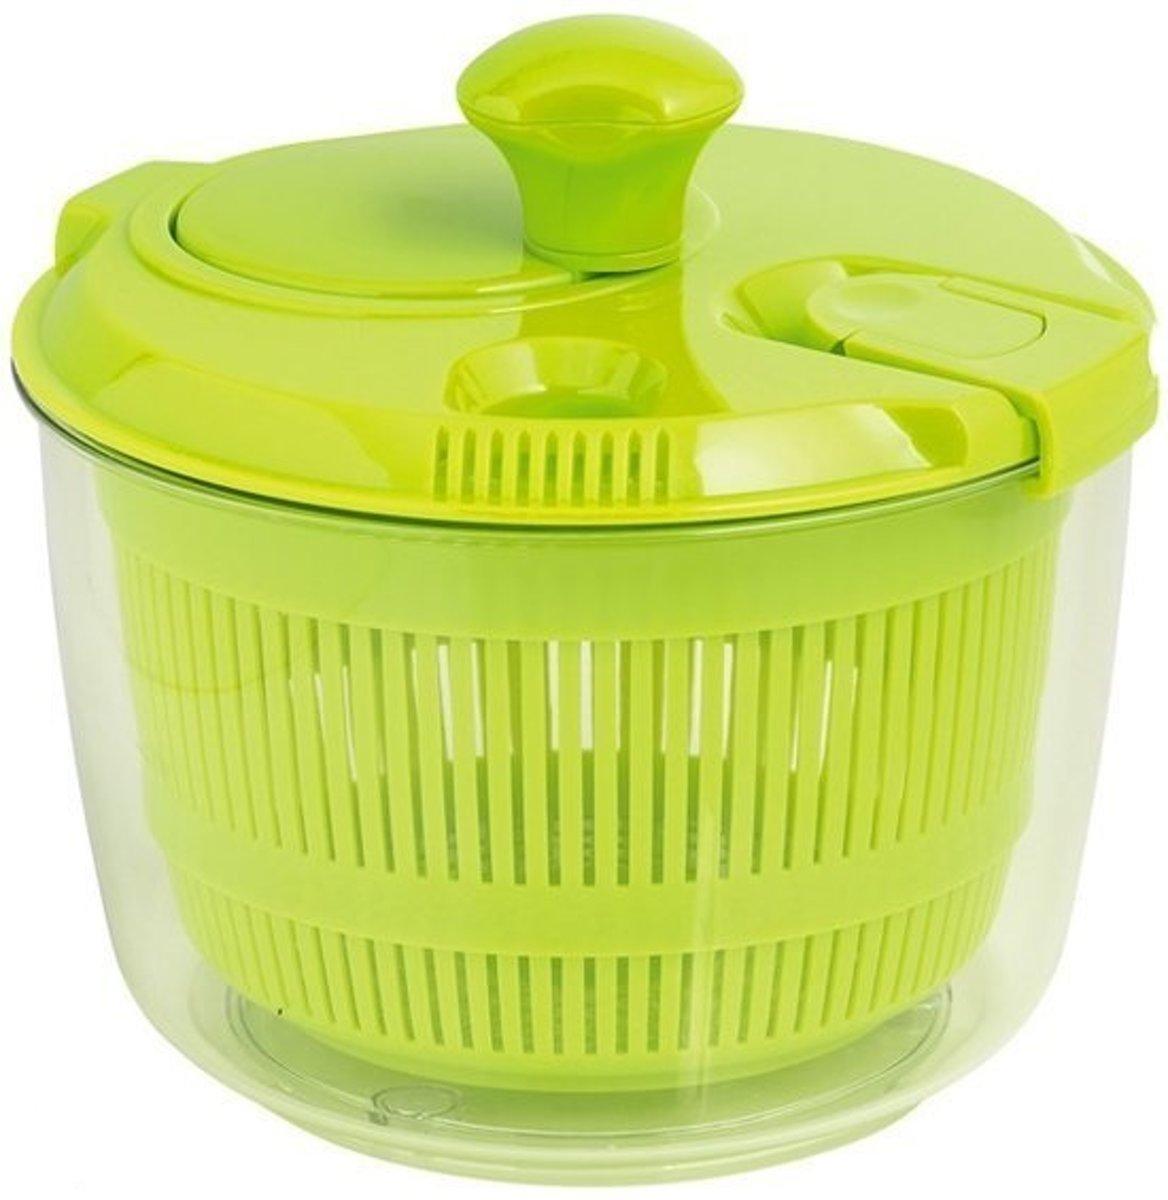 Mastrad Slacentrifuge - Klein - 2.7 l - 20 cm - Groen kopen